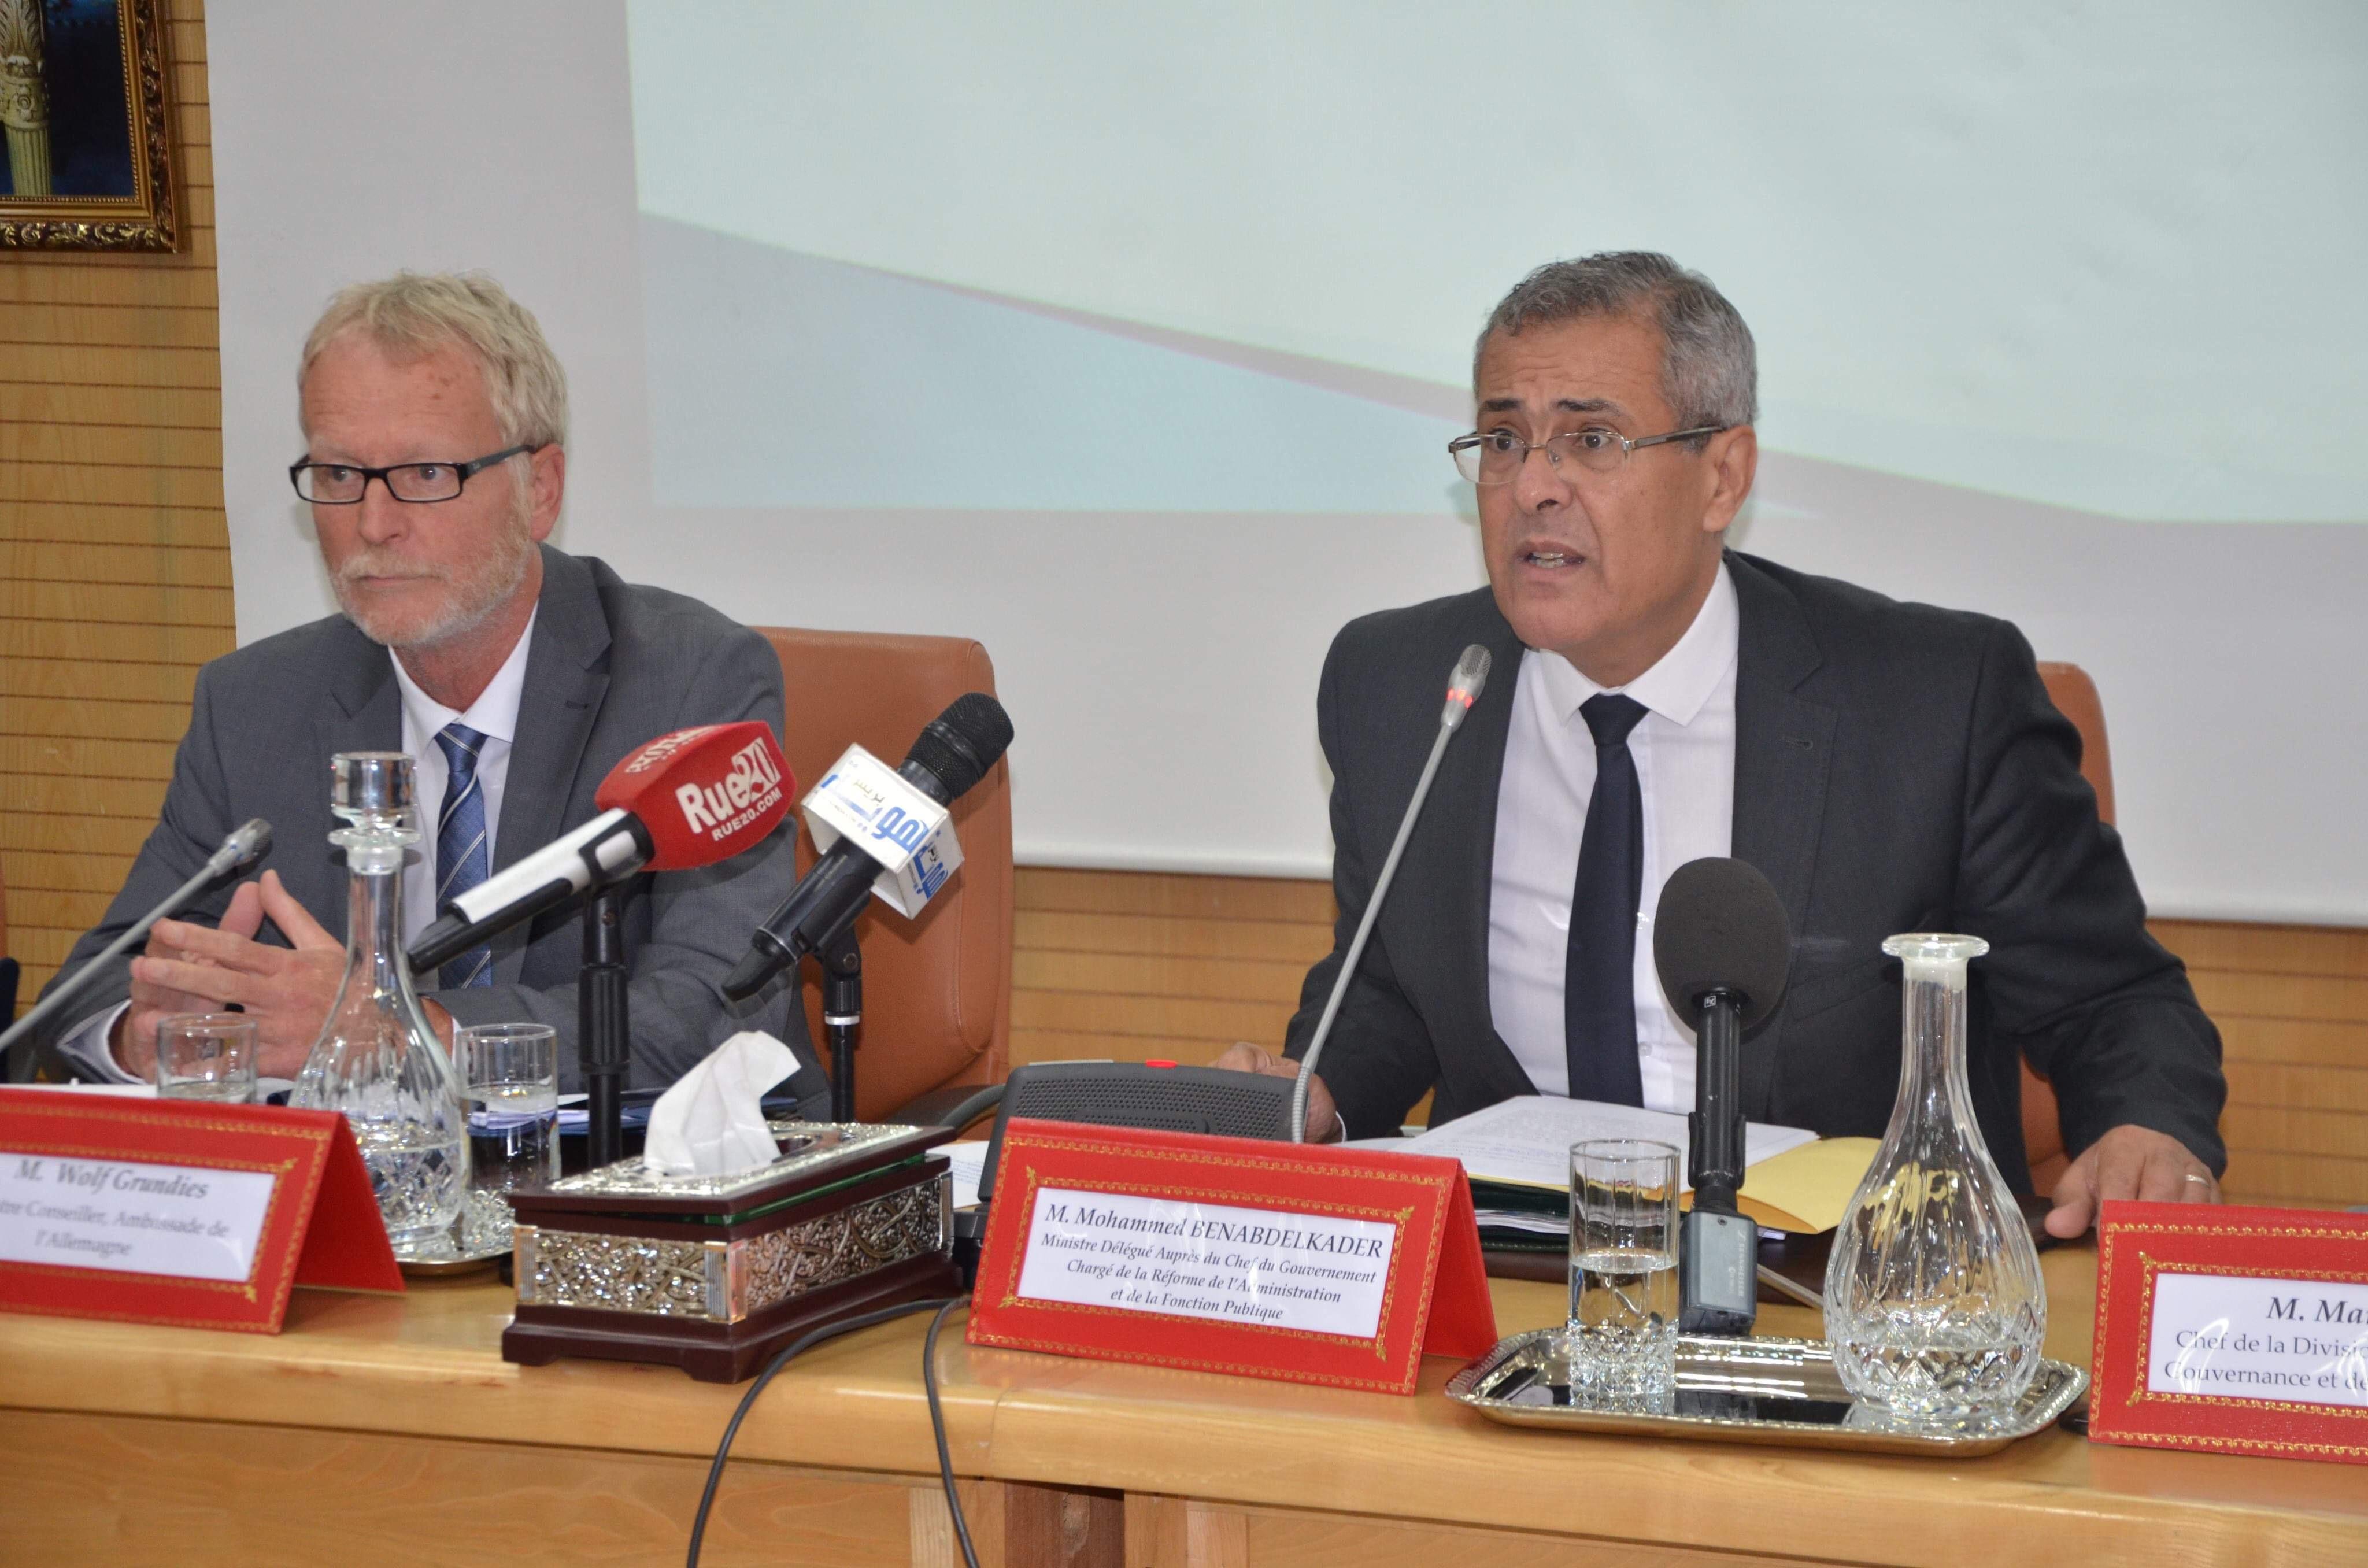 وزير الوظيفة العمومية يوصي بإنفتاح القطاعات الحكومية وتطوير التواصل العمومي في الإدارة المغربية